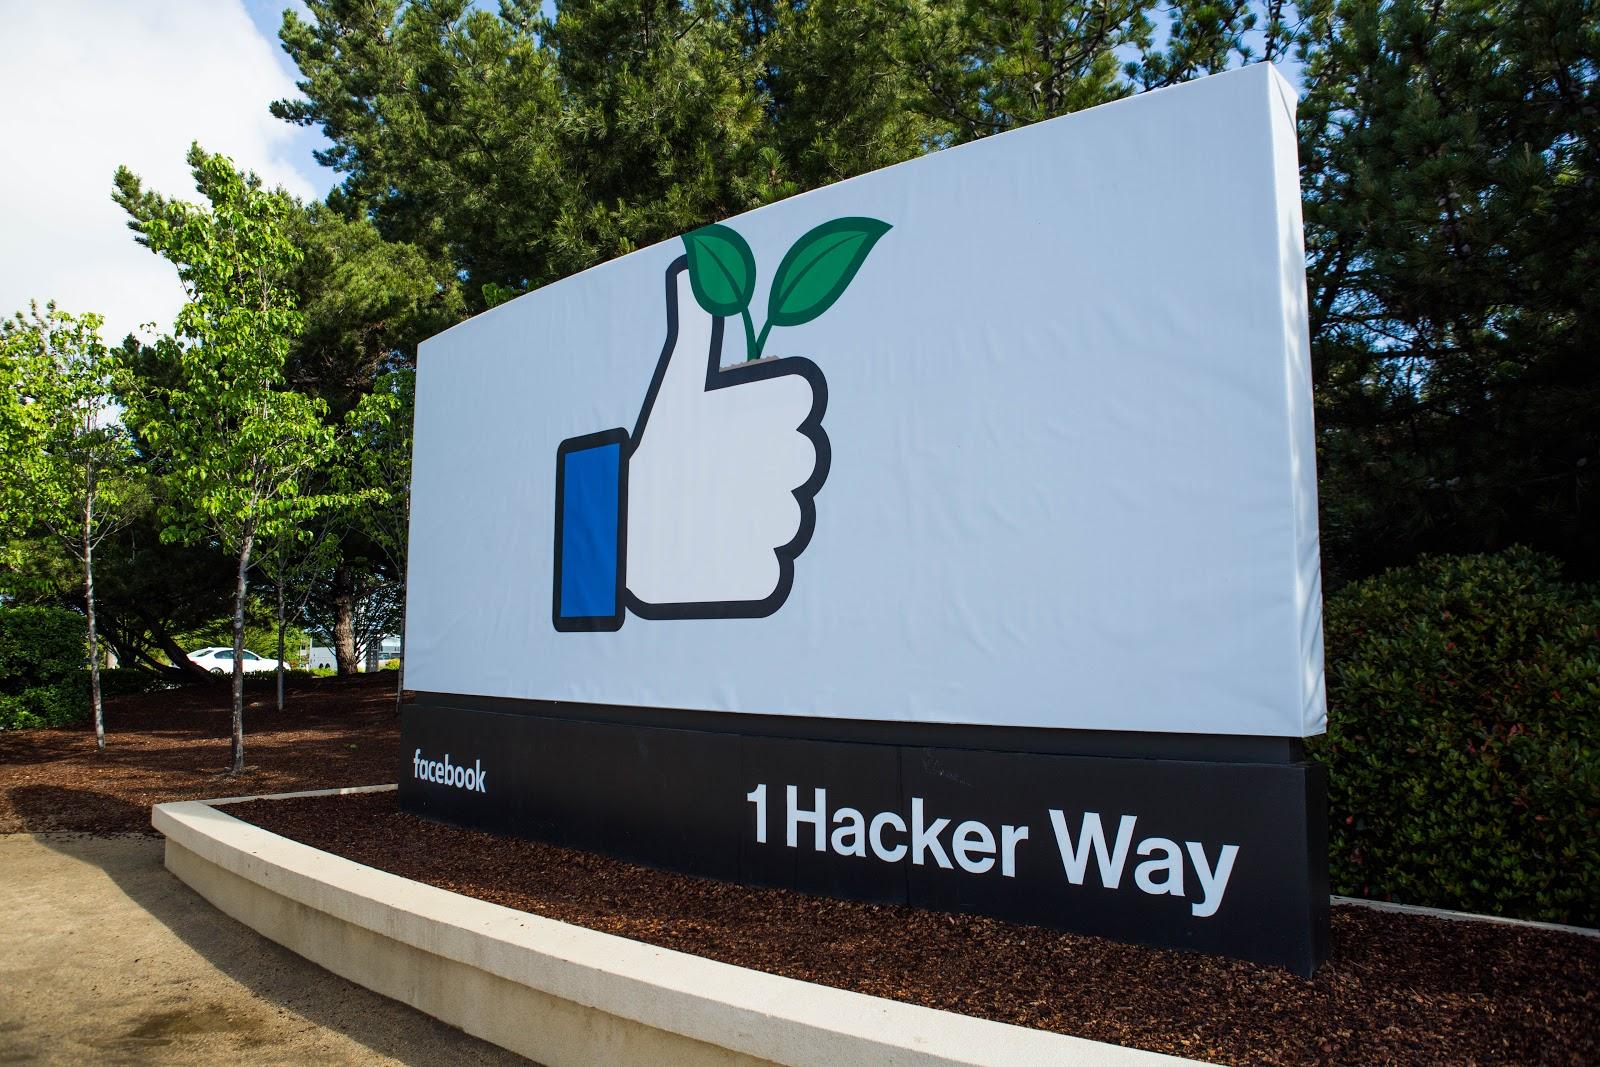 Facebook Headquarters at 1 Hacker Way in Menlo Park, California